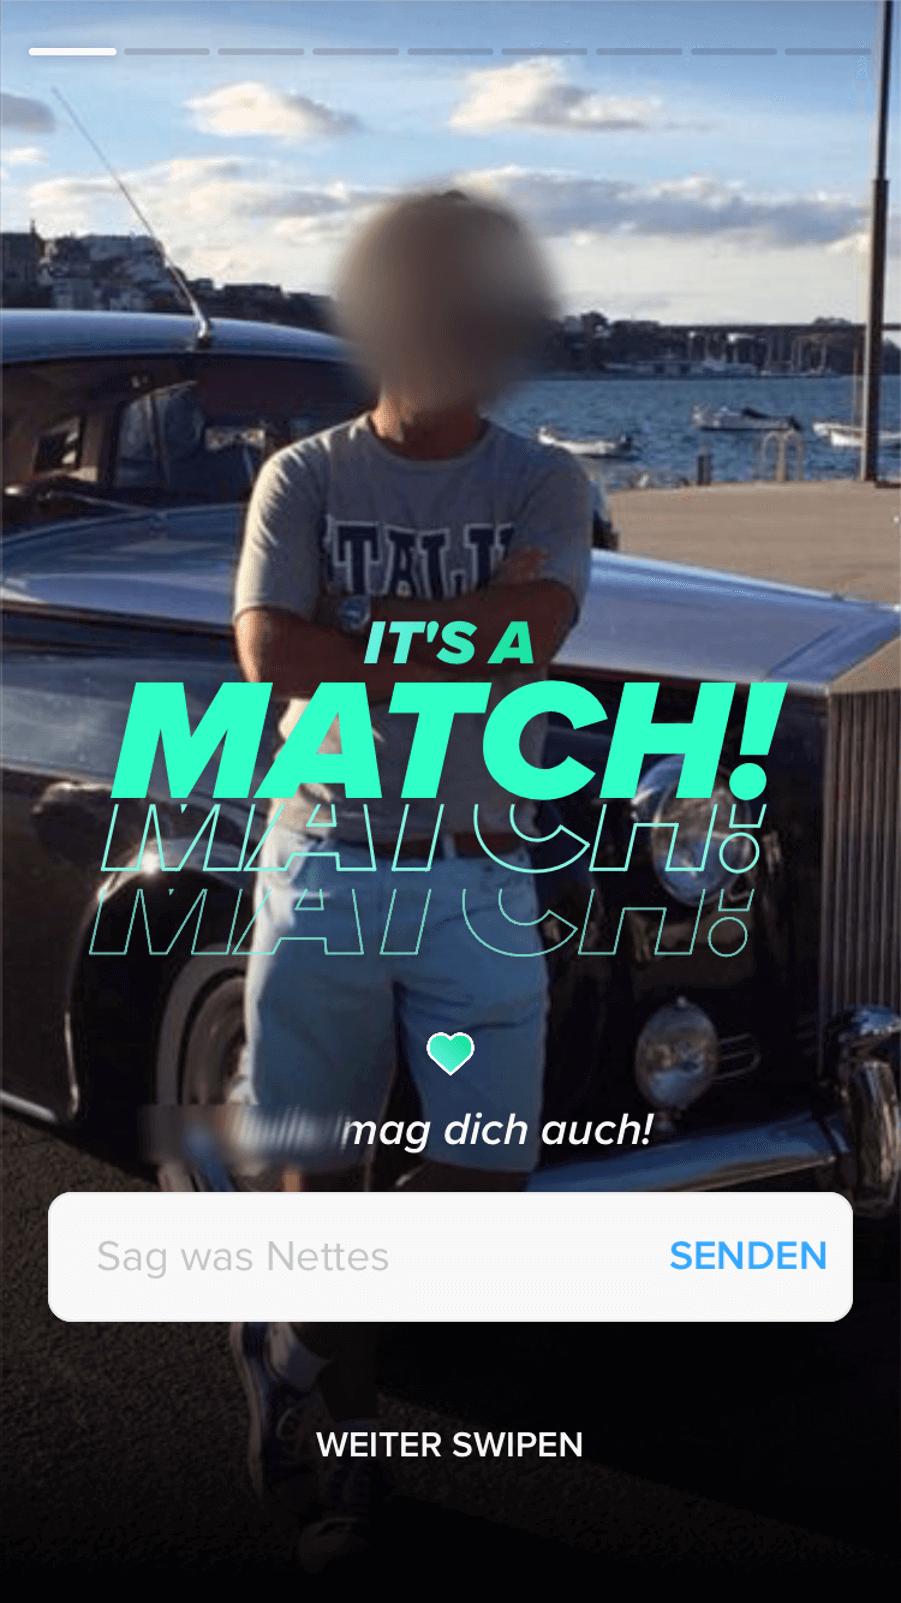 Neuer Matching Screen bei Tinder